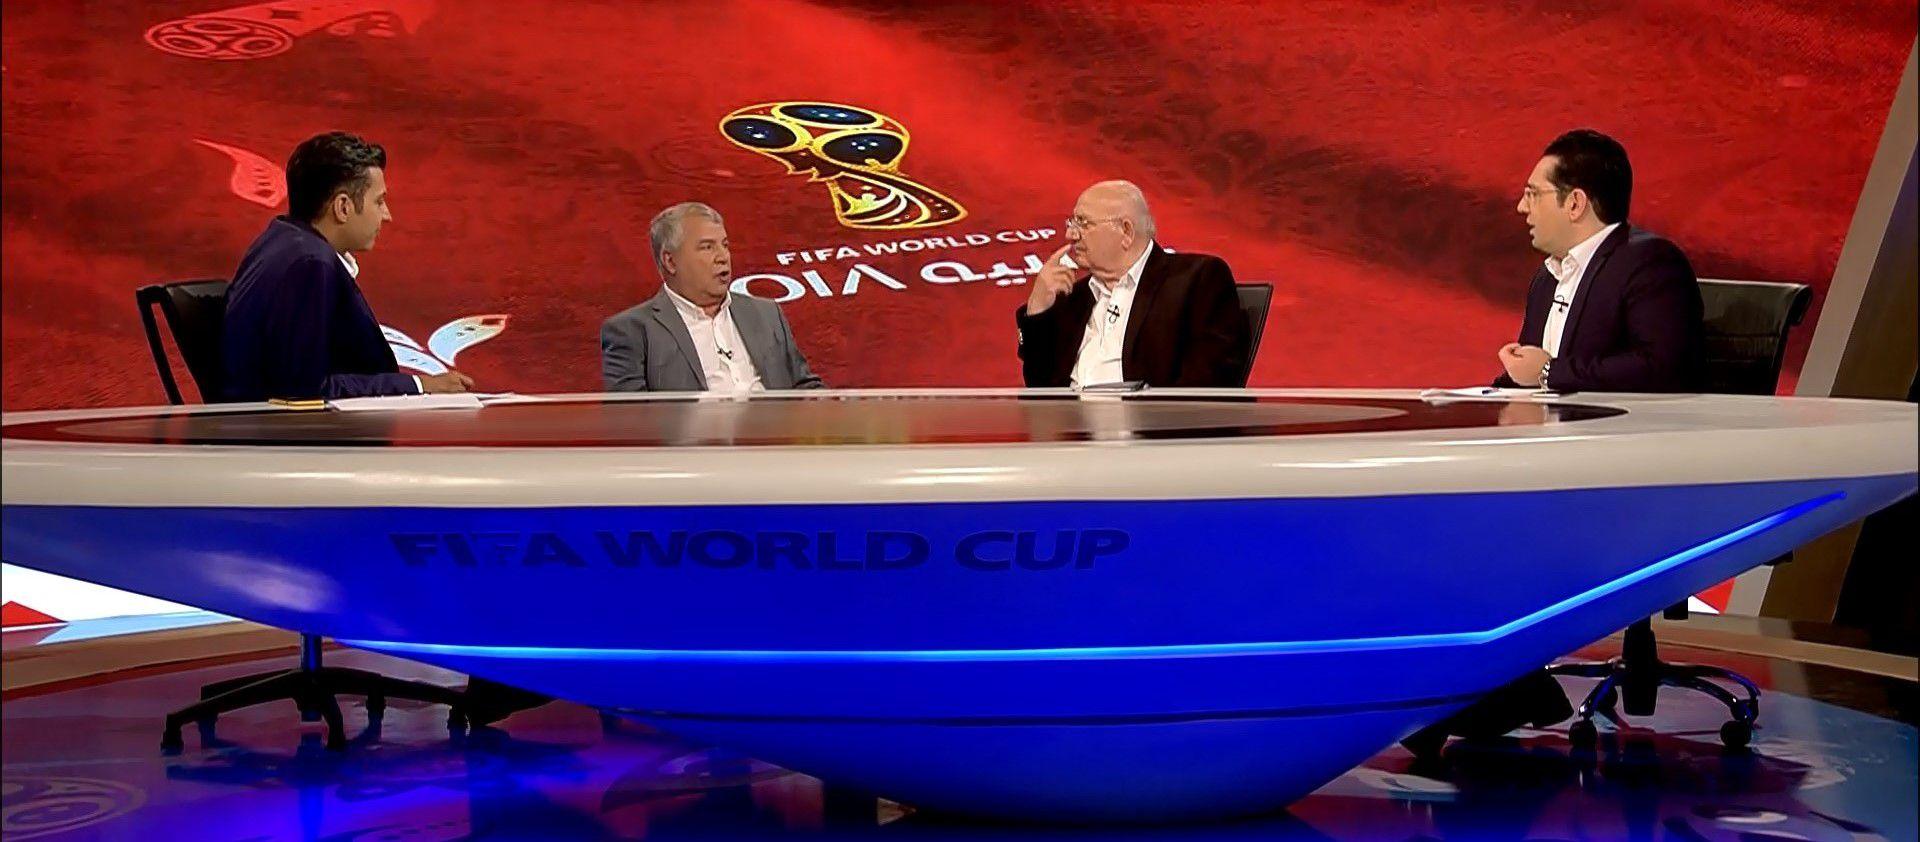 ویژه برنامه جام جهانی ۲۰۱۸ به تهیه کنندگی عادل فردوسی پور+نرم افزار